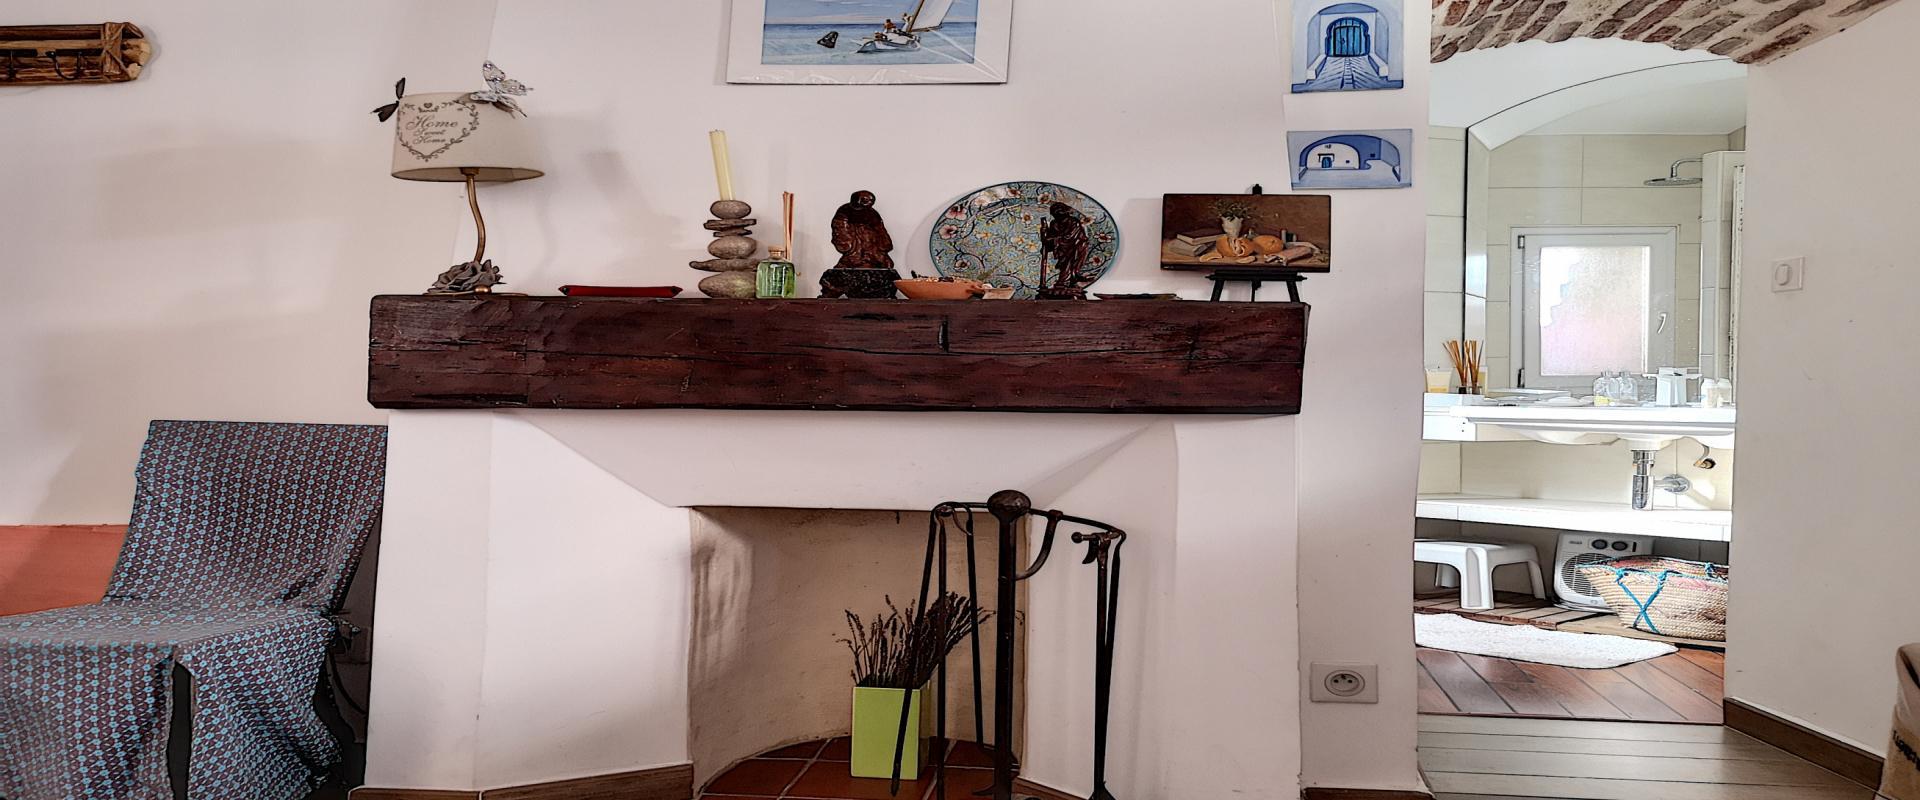 F2 meublé à louer au cœur de la ville d'Ajaccio cheminée